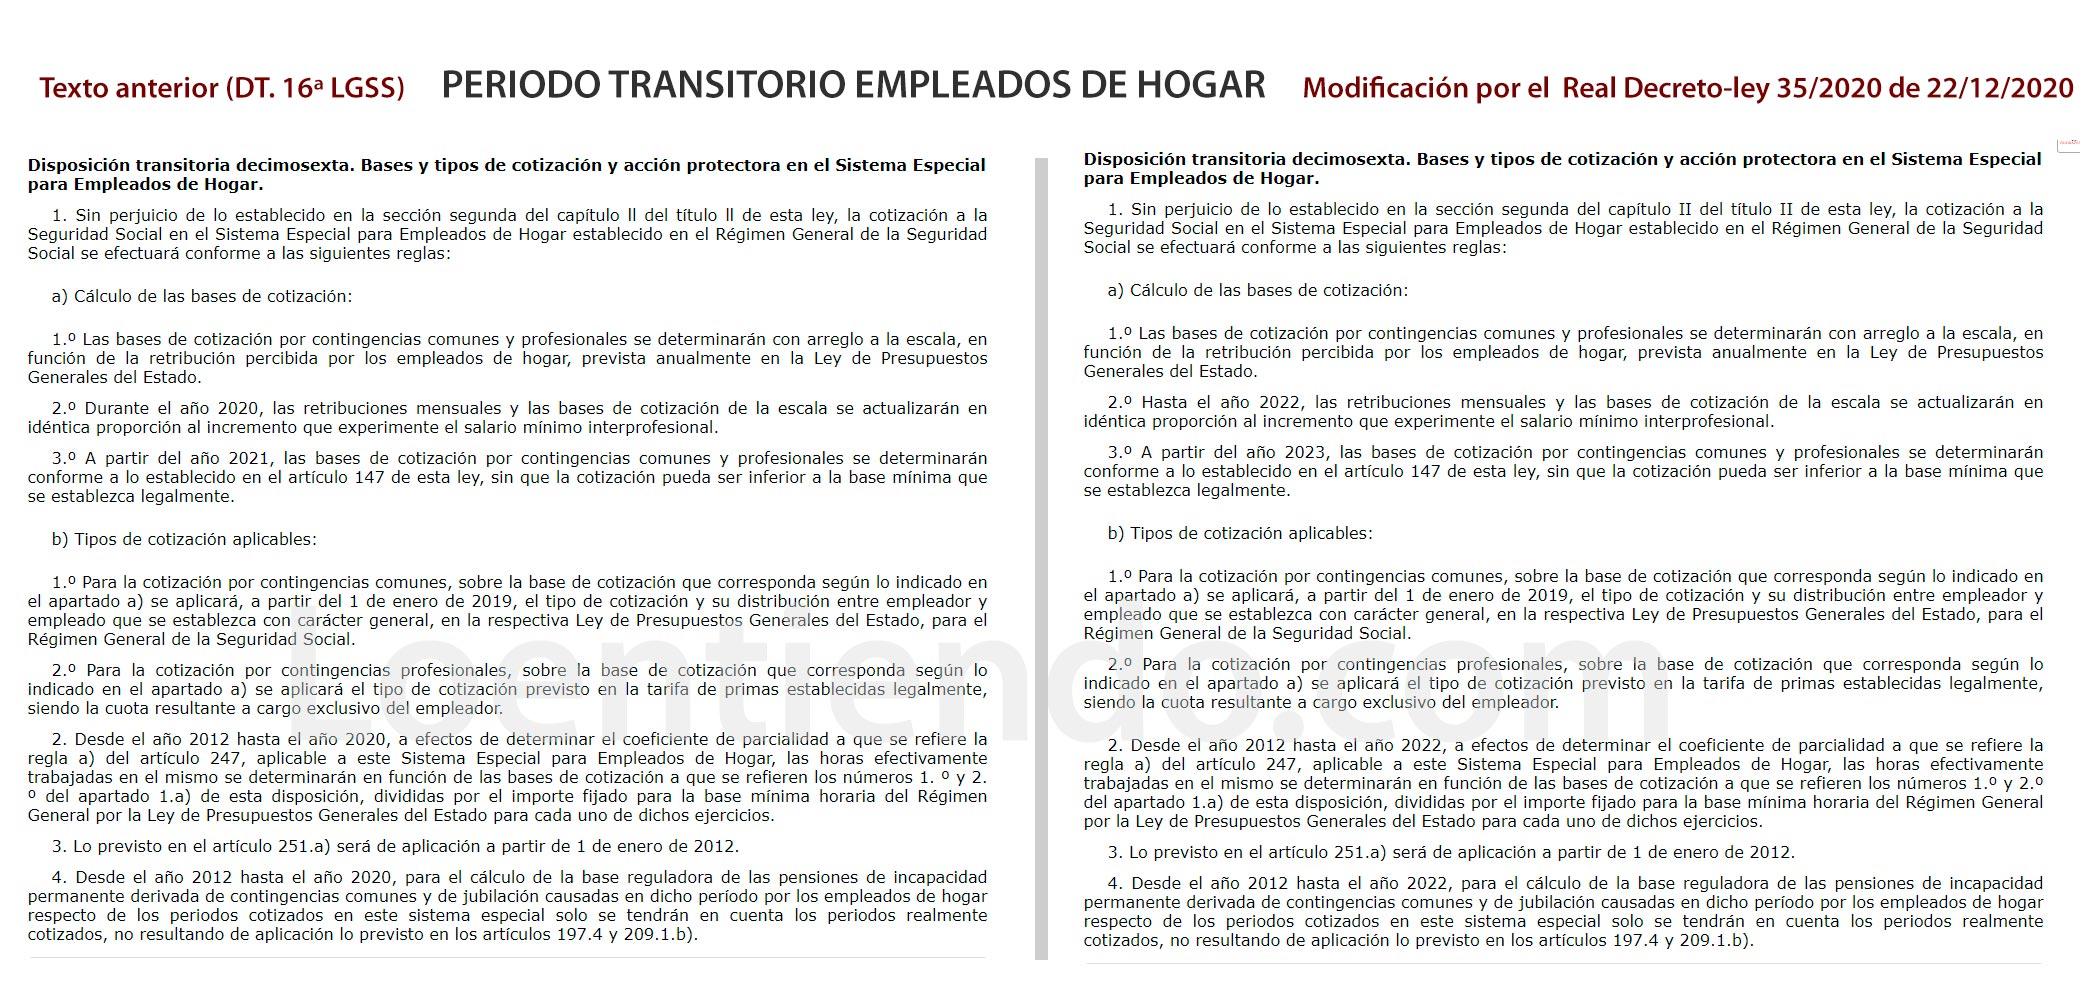 Retraso dos años periodo transitorio empleadas de hogar